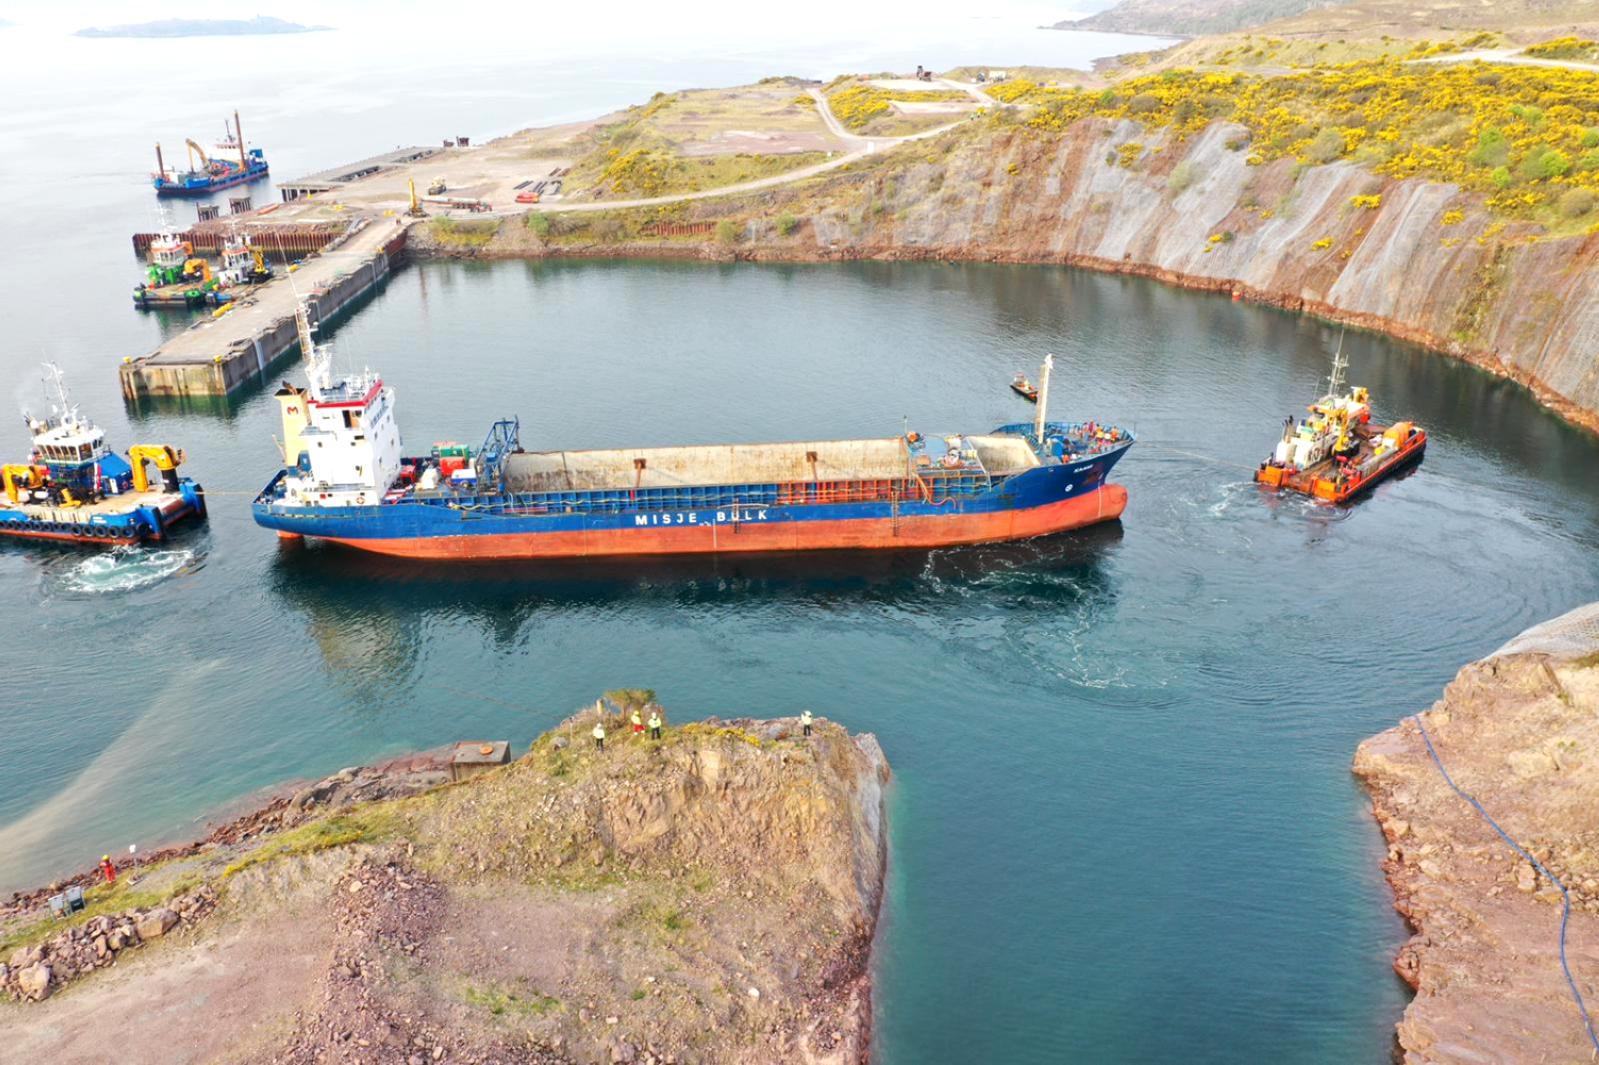 Kishorn Port